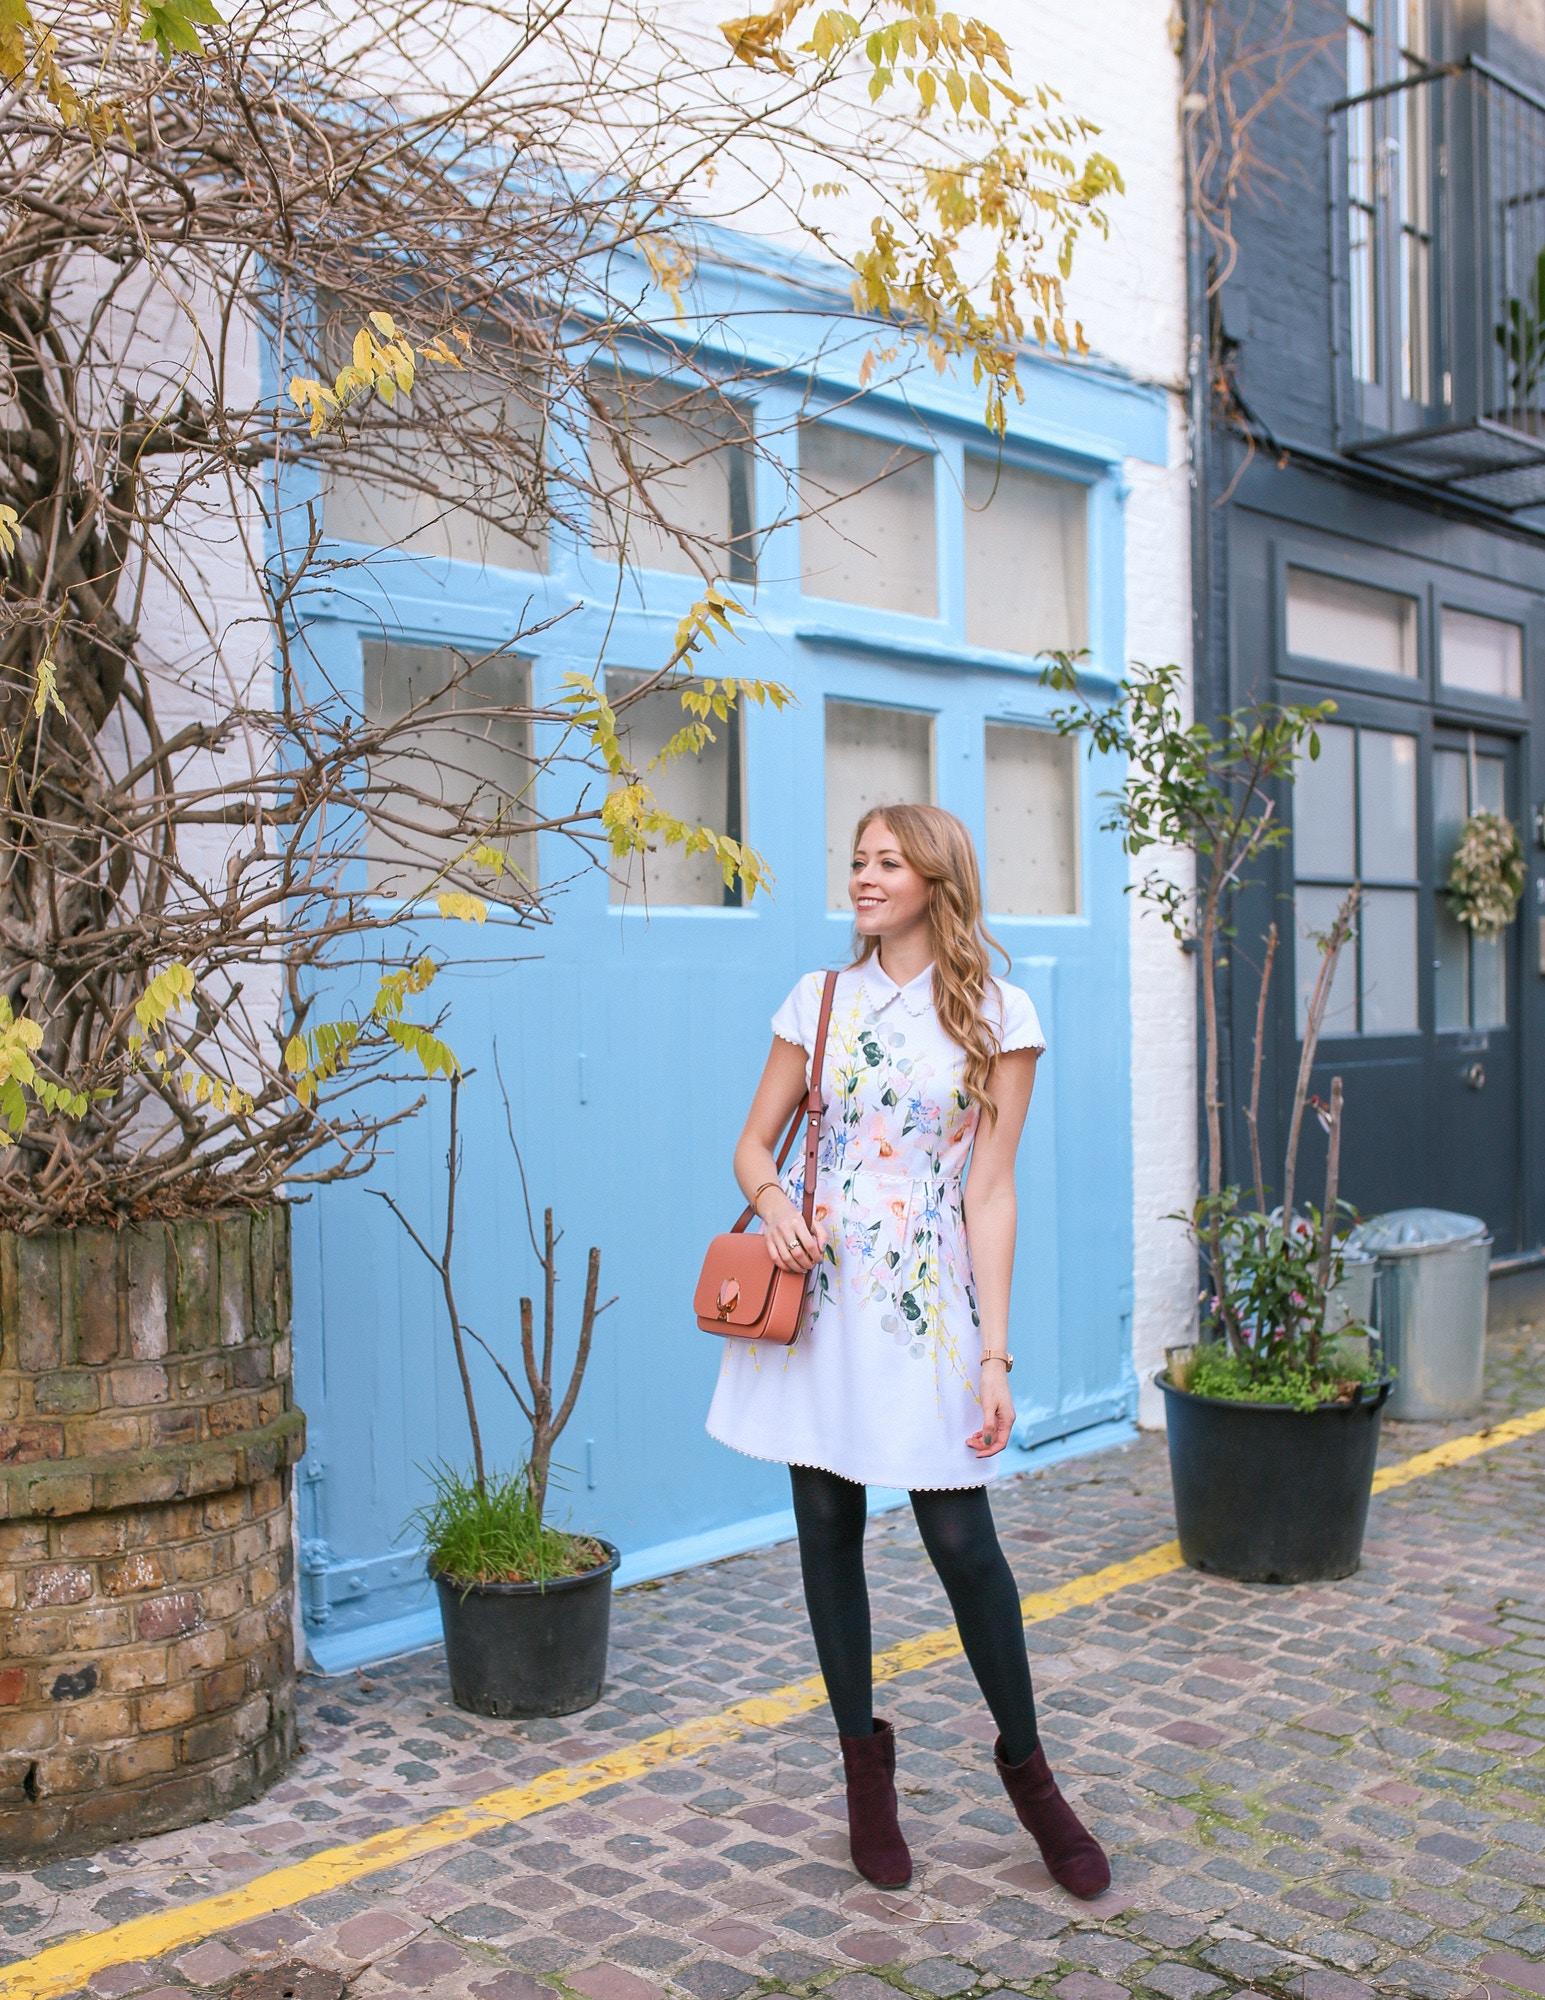 St Luke's Mews, Notting Hill London - the best spot for Instagram pics.